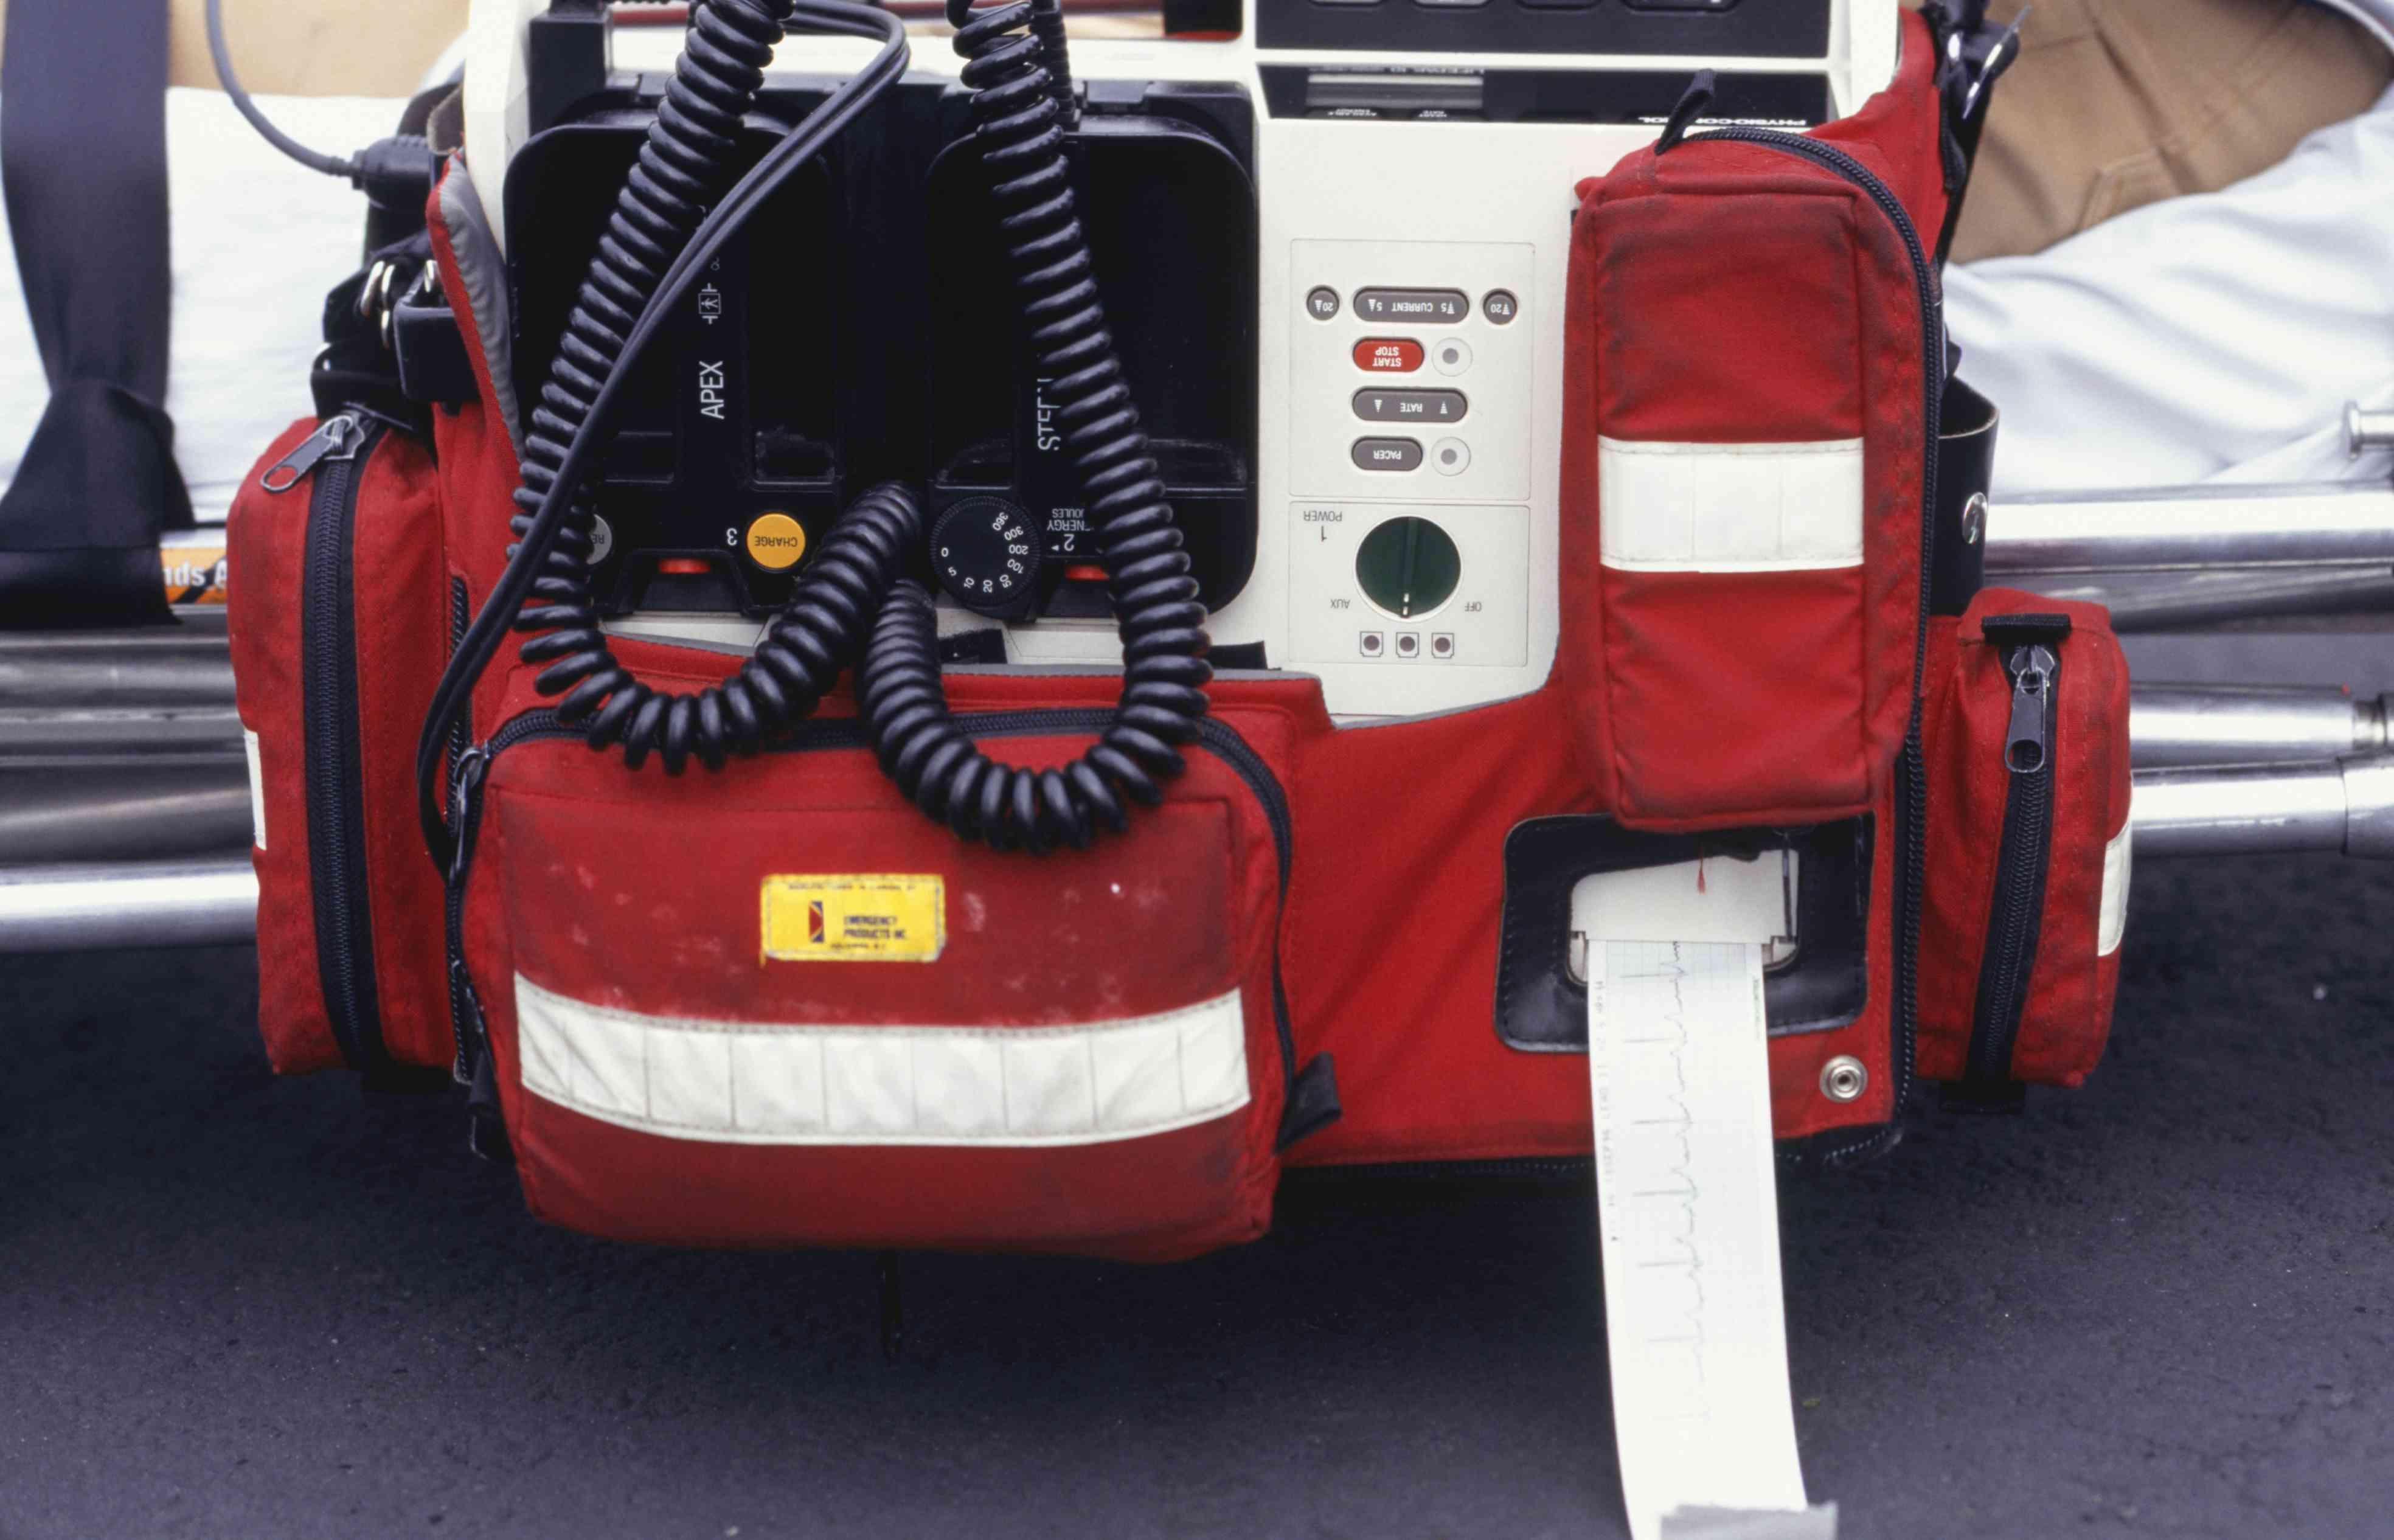 An ekg monitor defibrillator